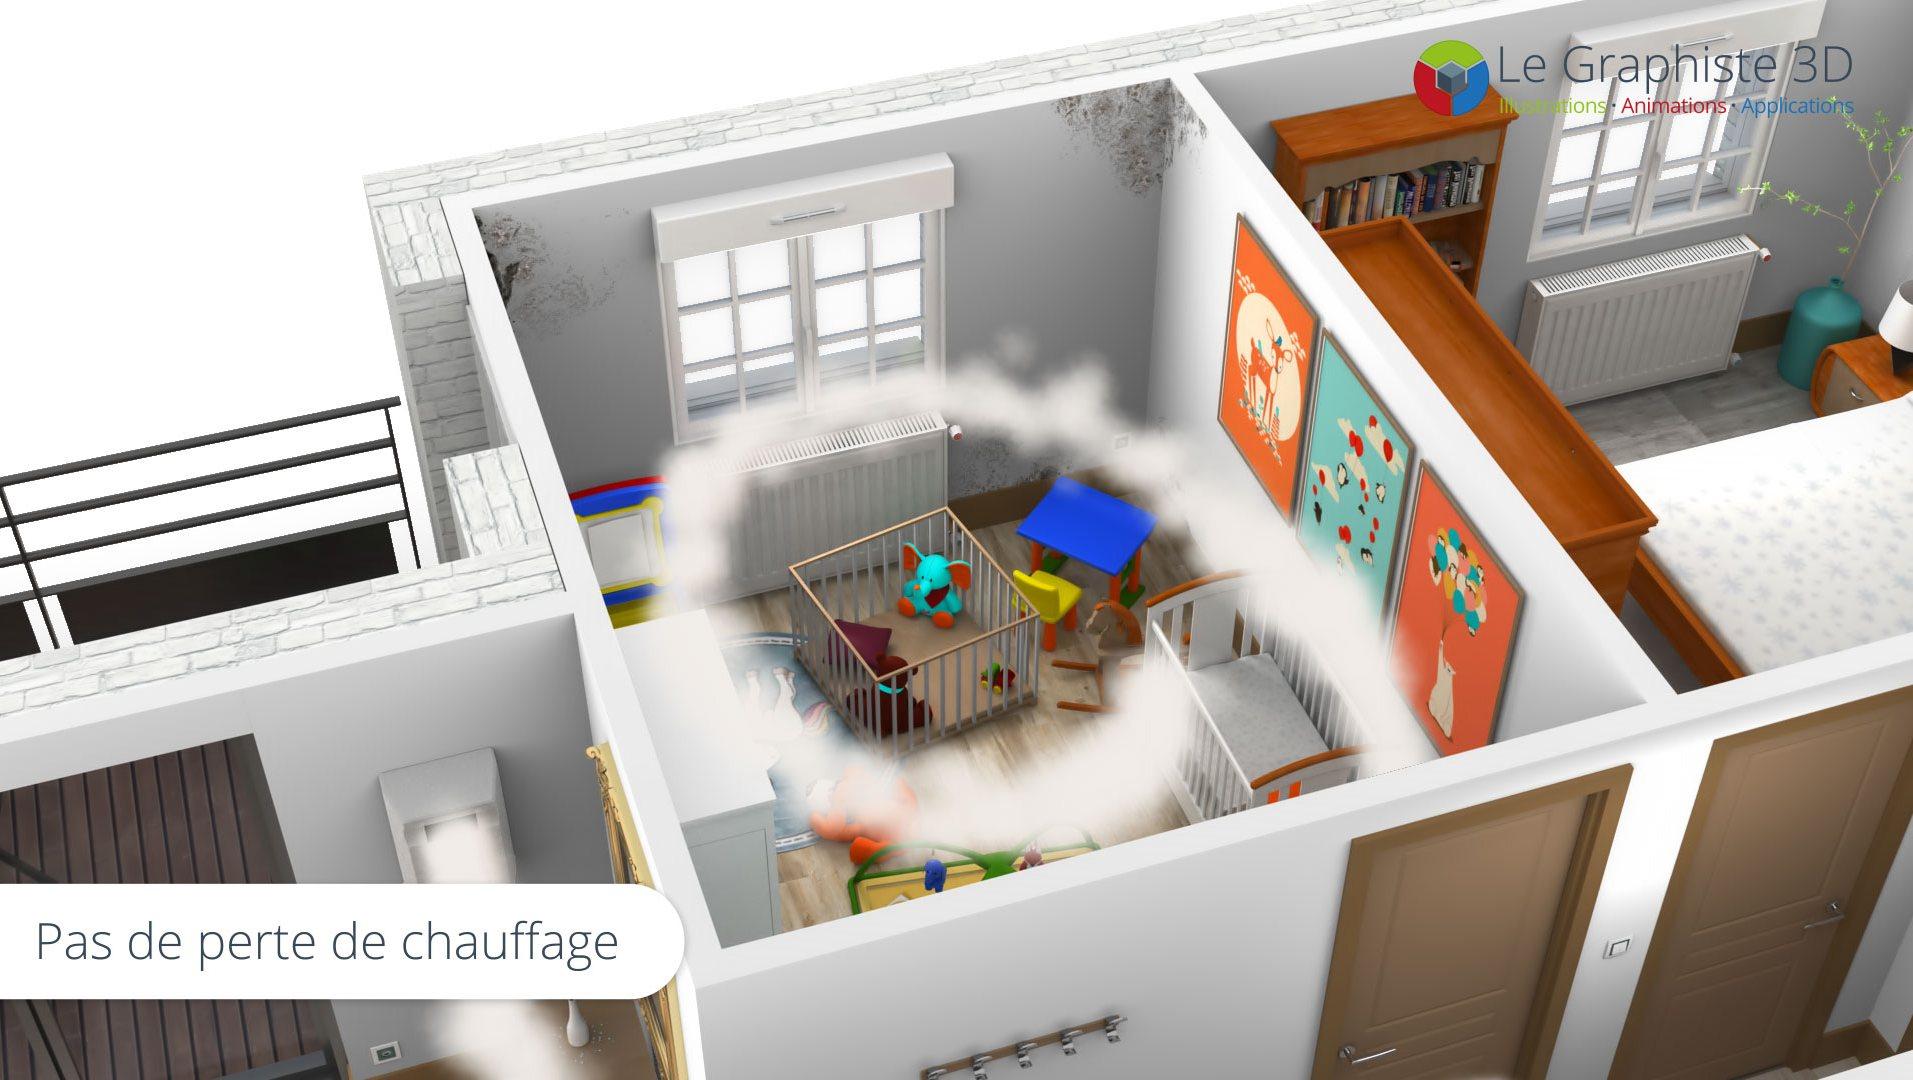 Représentation des flux d'air d'une centrale de traitement d'air dans une chambre